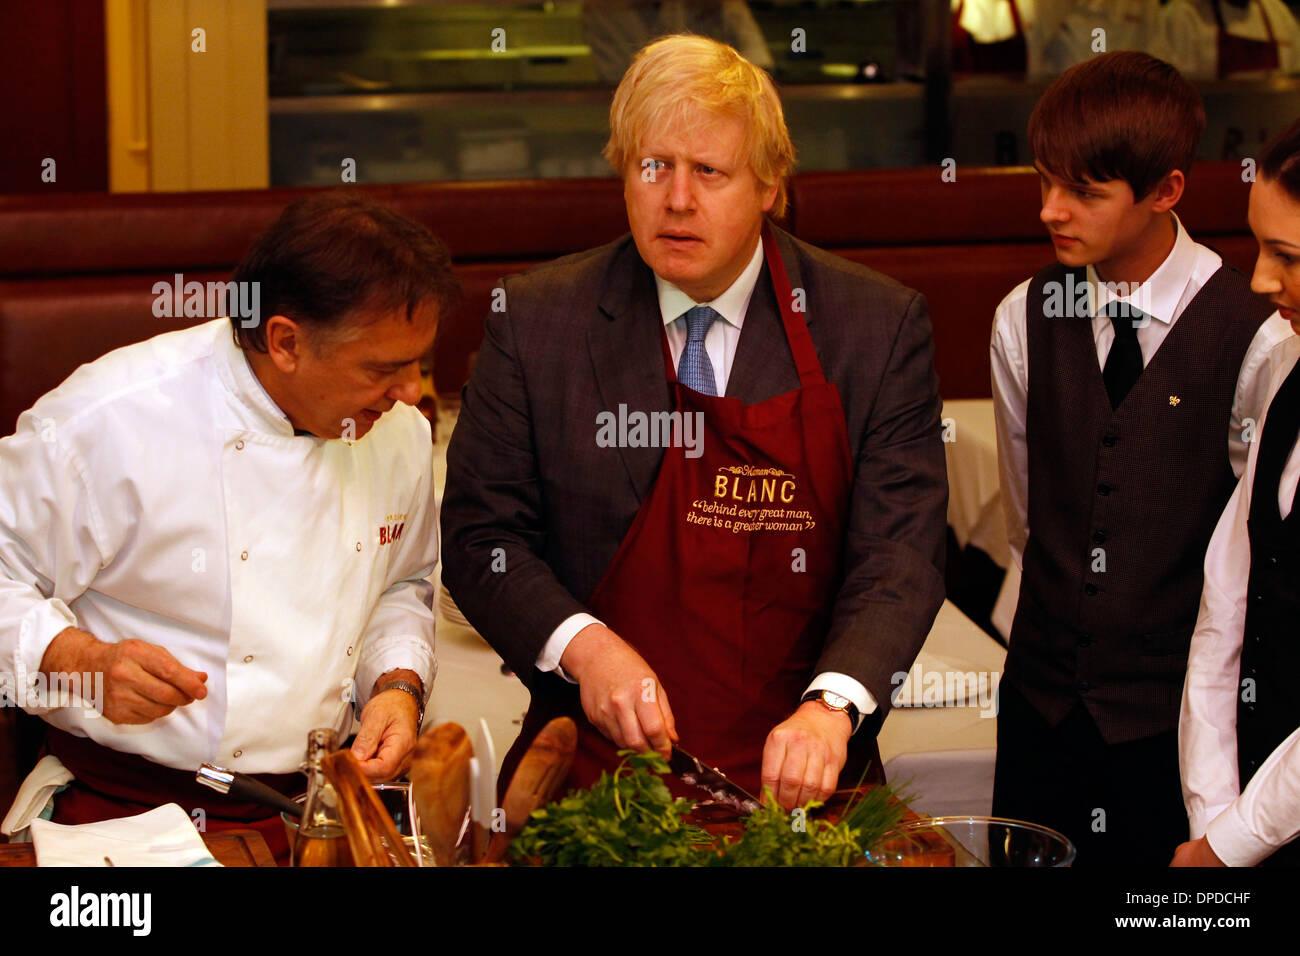 Foto llamada para alcalde de Londres, Boris Johnson, con el Chef Raymond Blanc Imagen De Stock